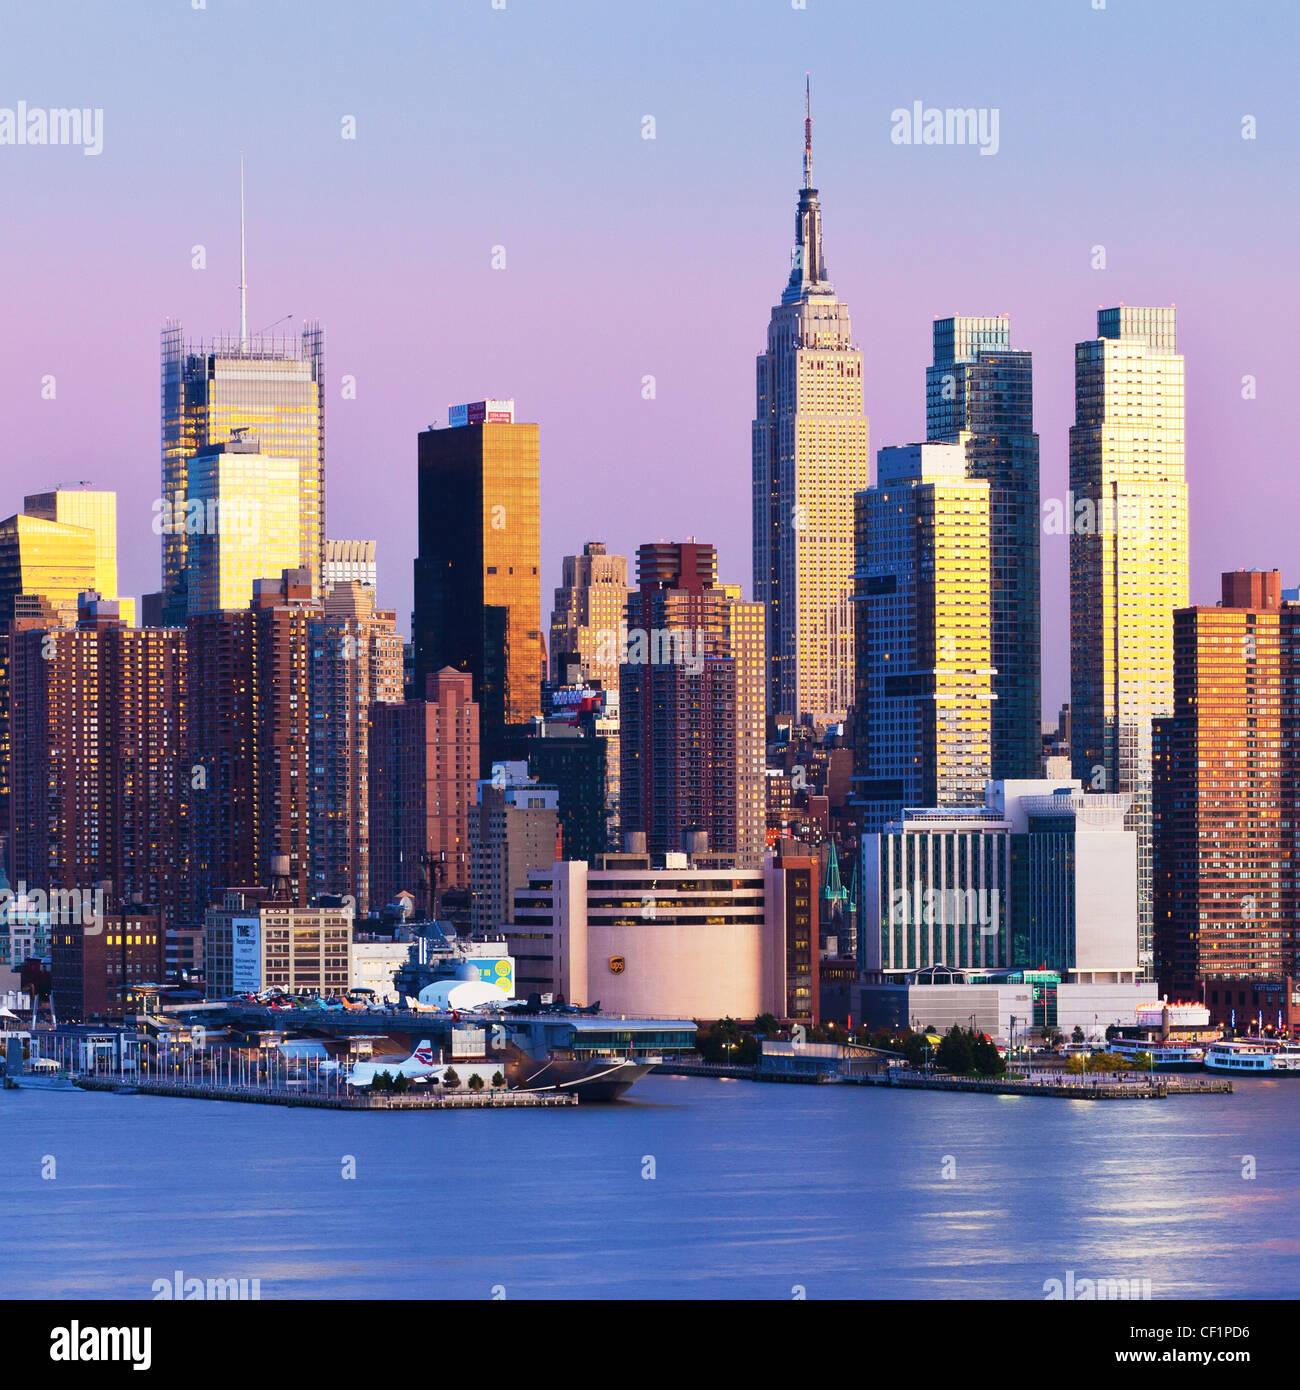 Manhattan, Blick auf Midtown Manhattan über den Hudson River, New York, Vereinigte Staaten von Amerika Stockbild